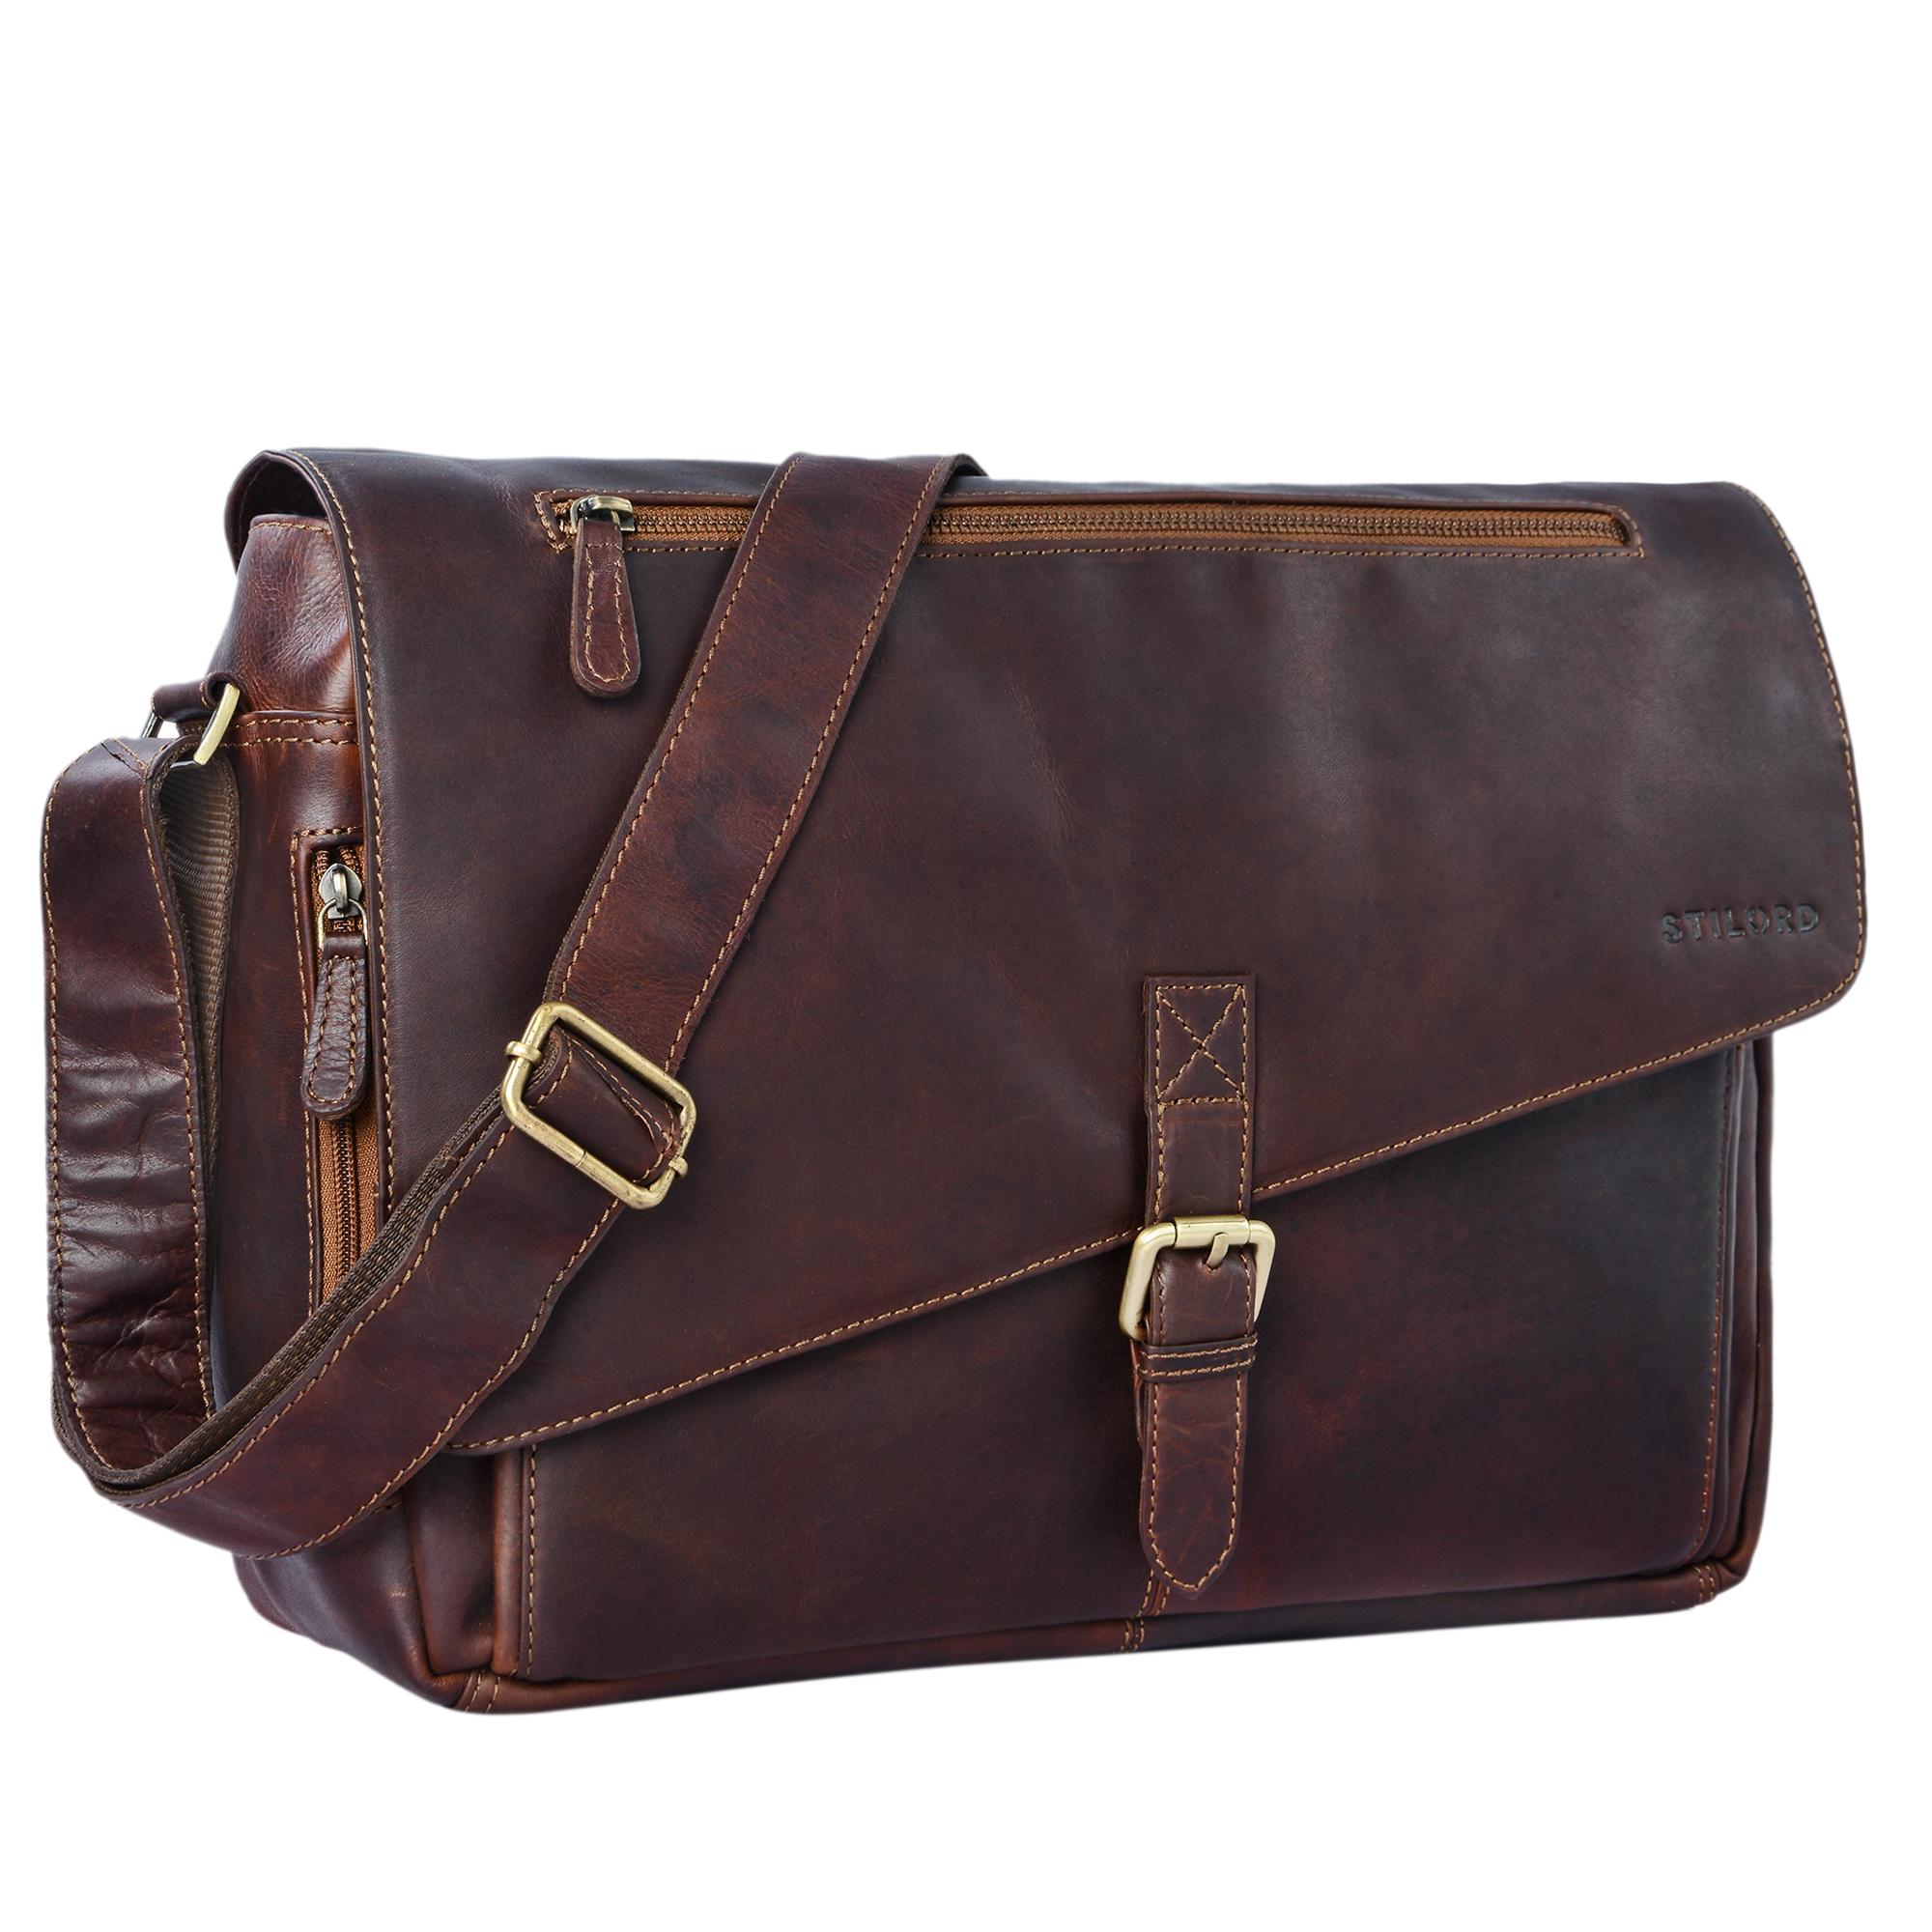 """STILORD """"Merlin"""" Vintage Leder Umhängetasche Damen Herren klassische Aktentasche für Arbeit Büro große Unitasche mit 15.6 Zoll Laptopfach echtes Leder - Bild 9"""